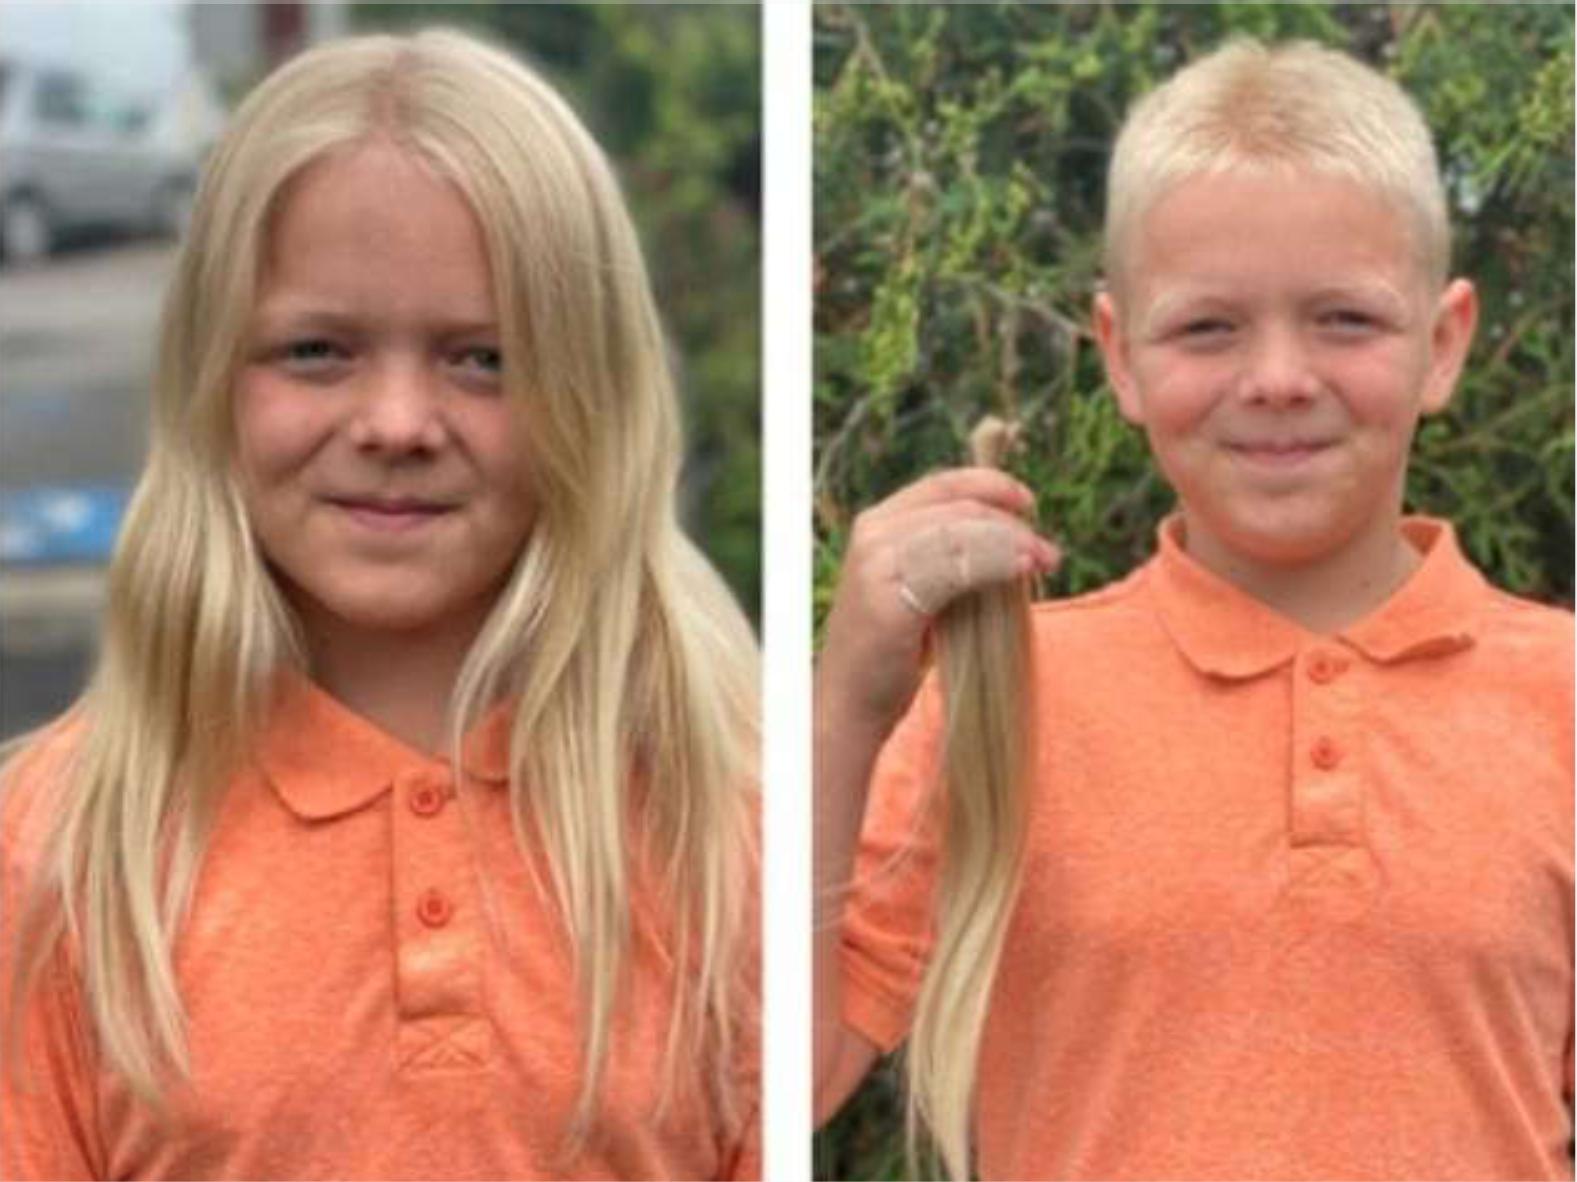 Cậu bé Conor Rogers quyết định cắt mái tóc dài yêu thích của mình để làm từ thiện - Ảnh: